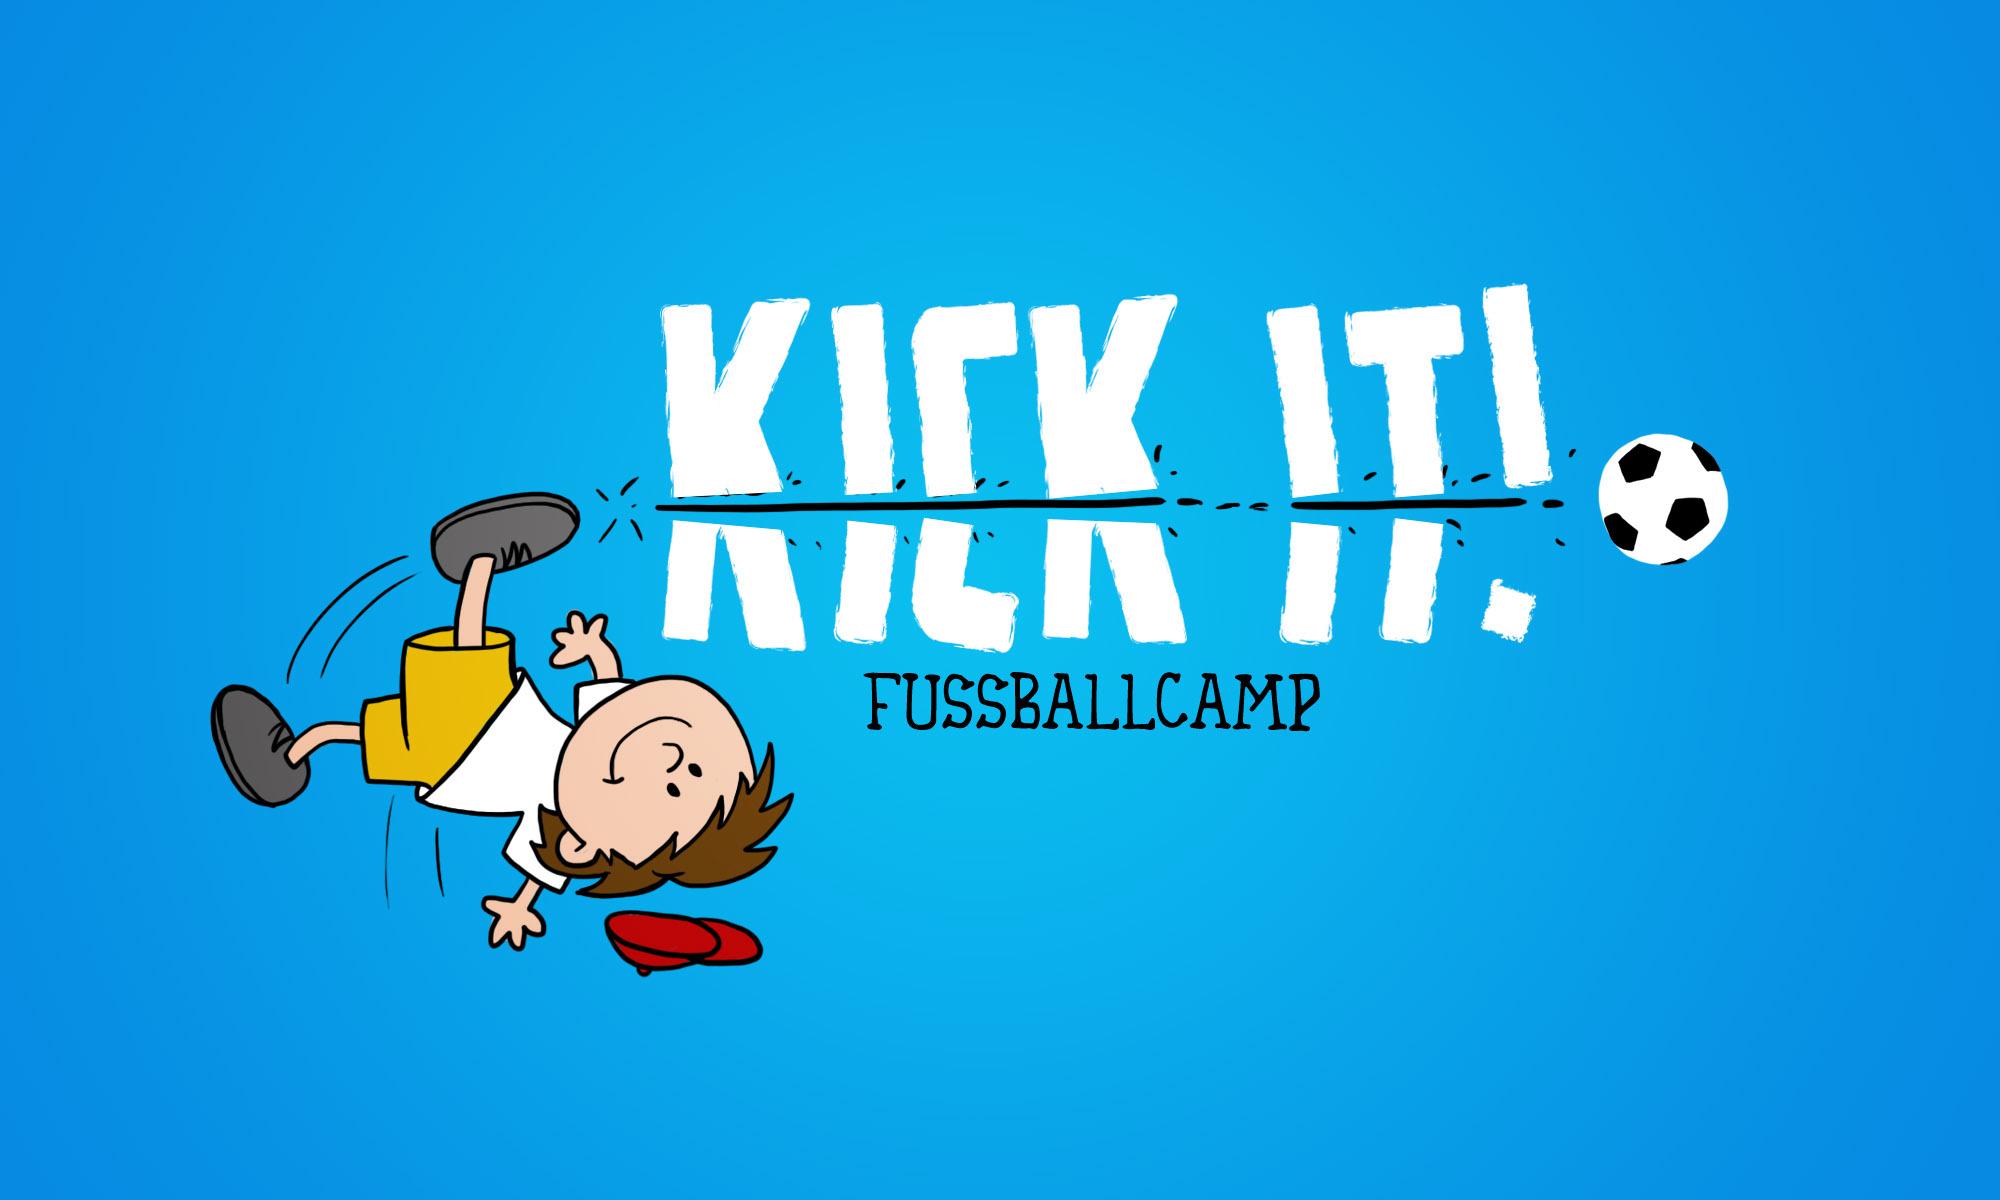 kickitneu3